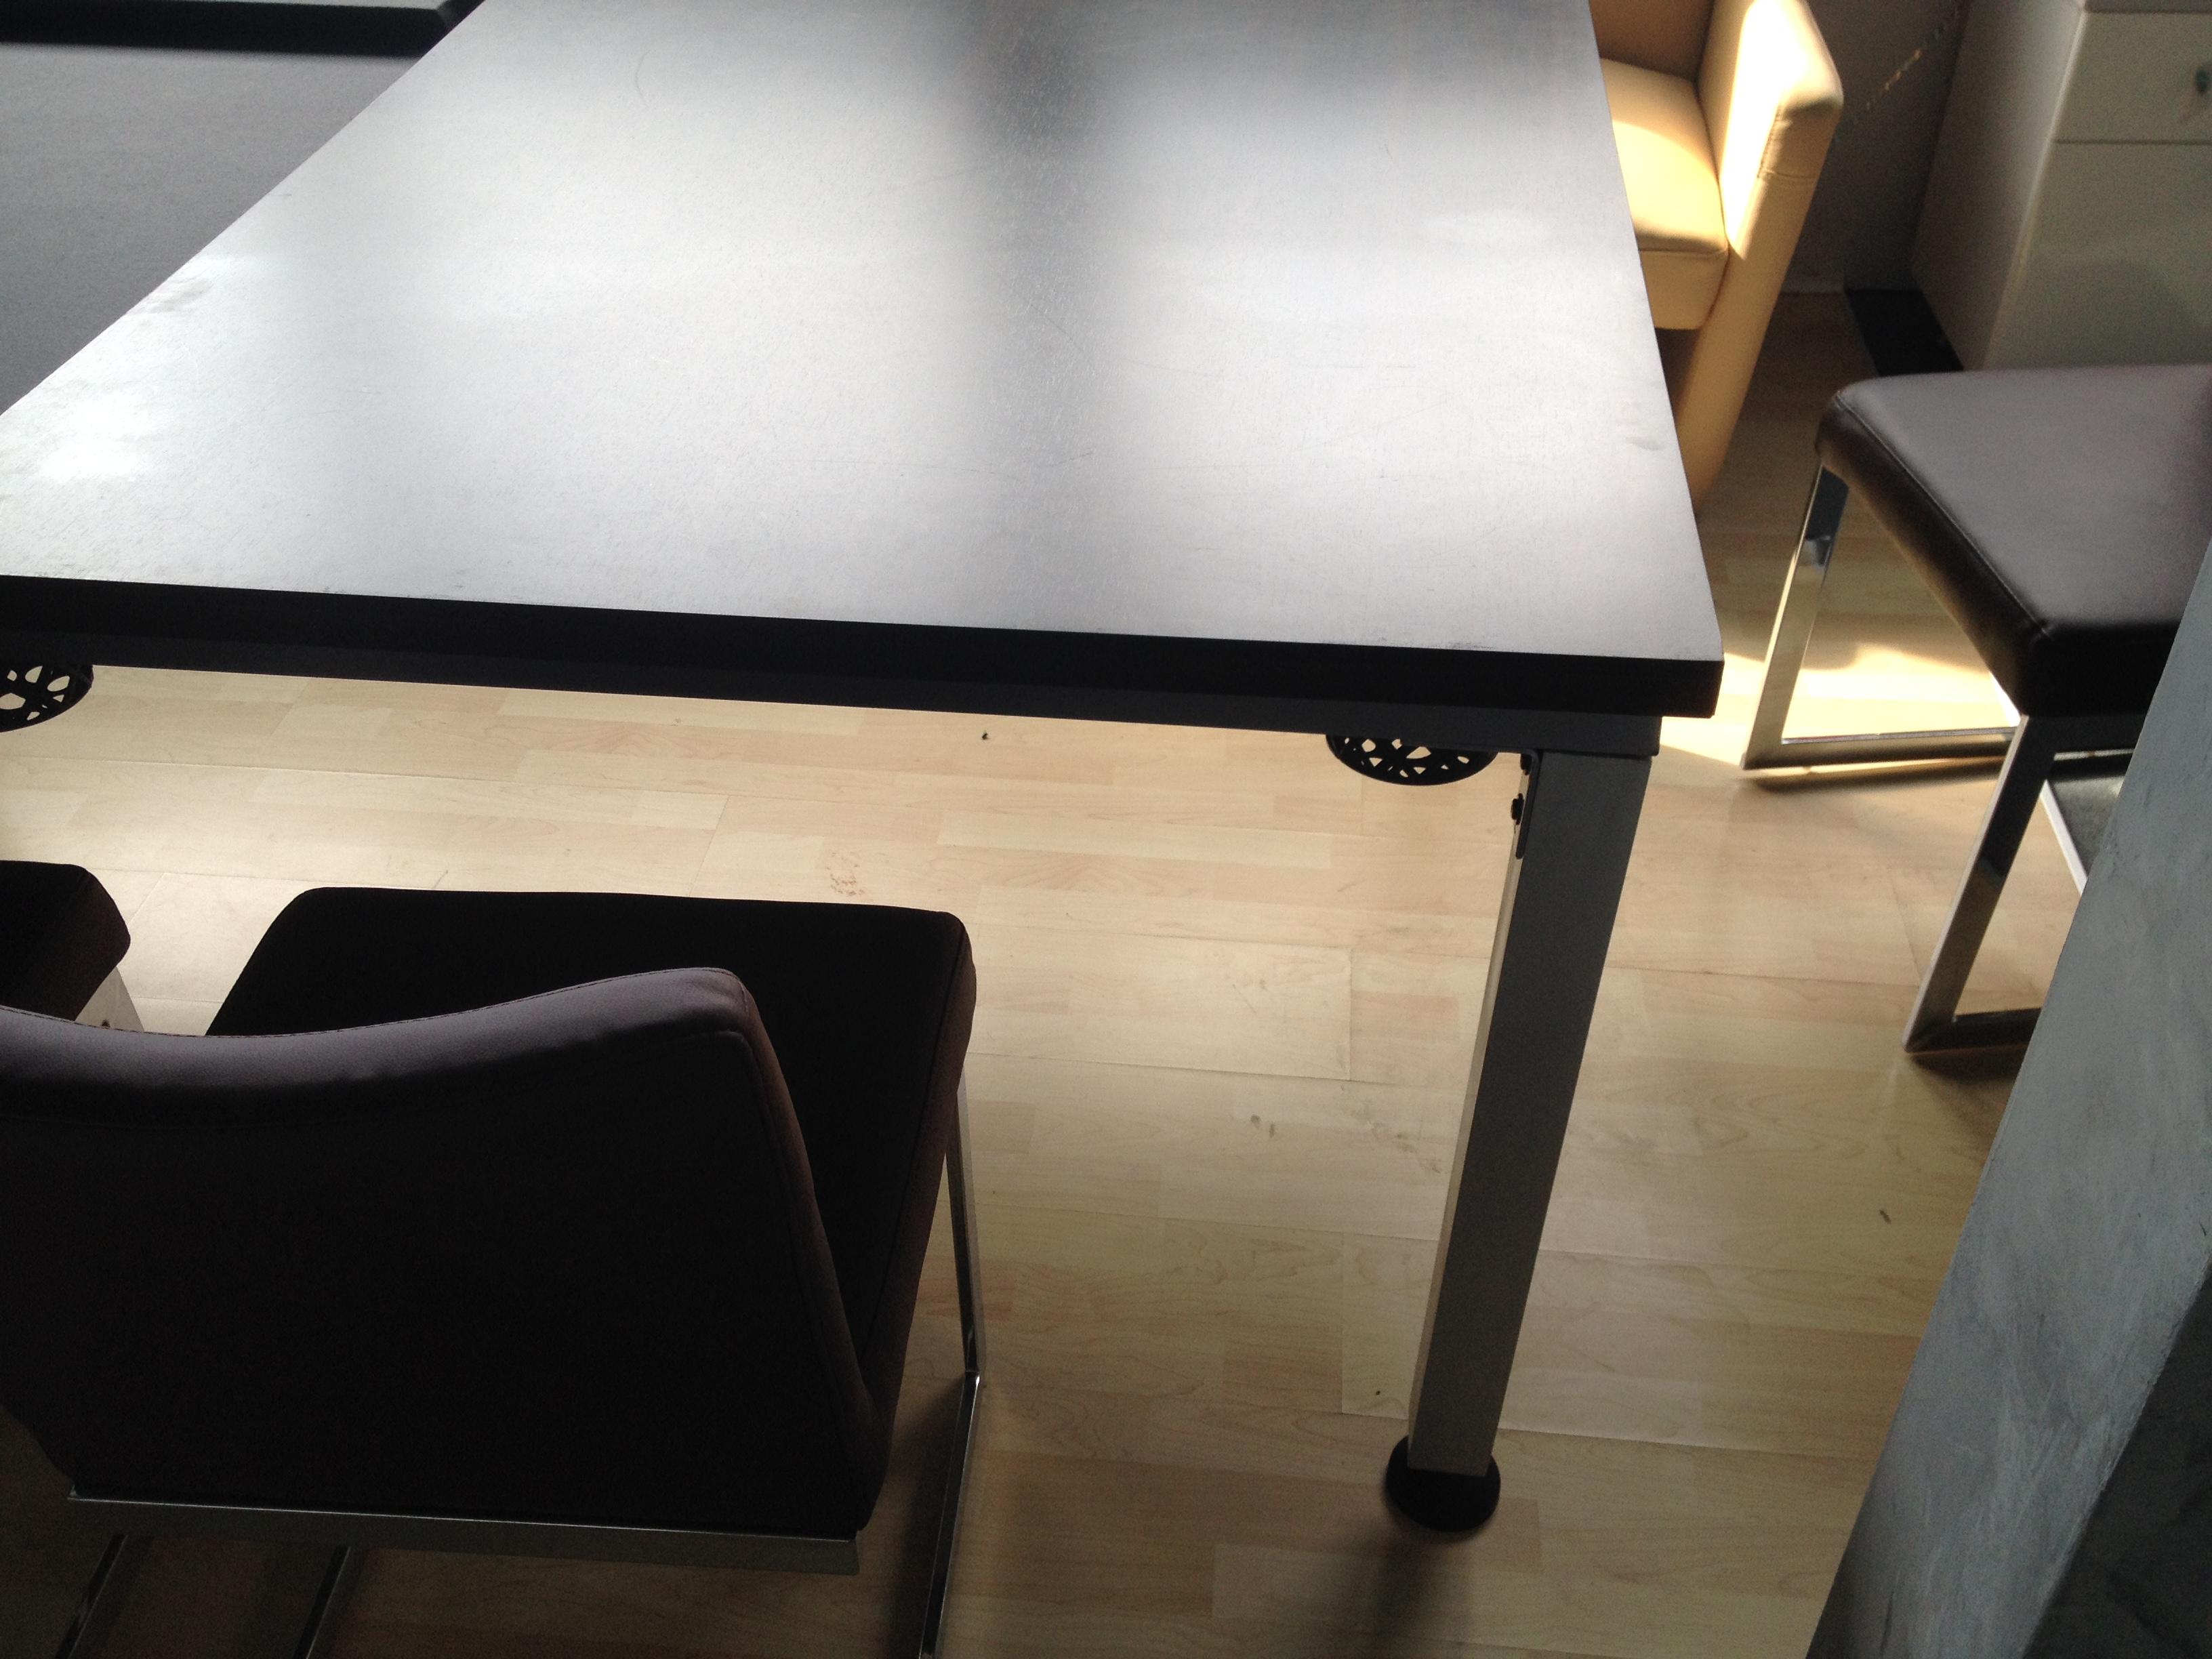 Billardtisch billardtische hermos grau braun tische for Esstisch grau braun